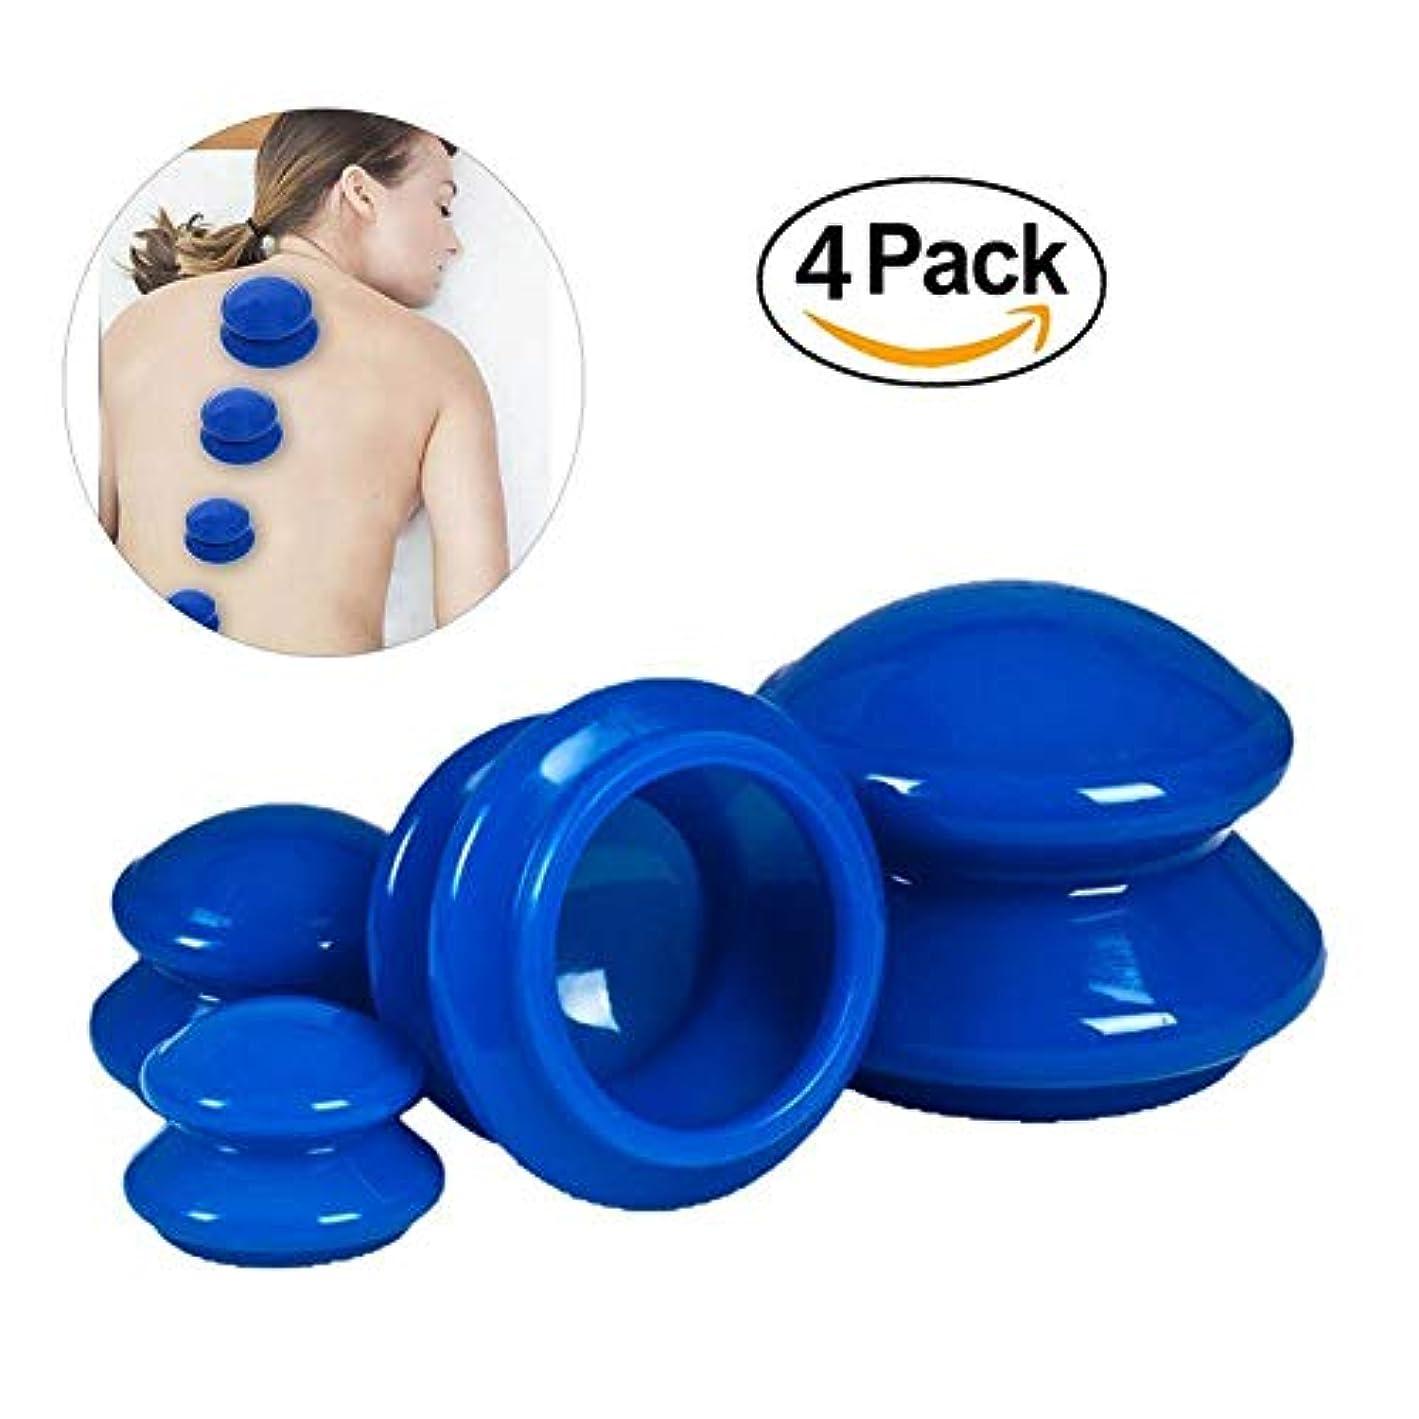 果てしない大召集するカッピングセット、真空サクションカップ、ボディマッサージ、筋肉痛、関節痛、痛み軽減(4個)